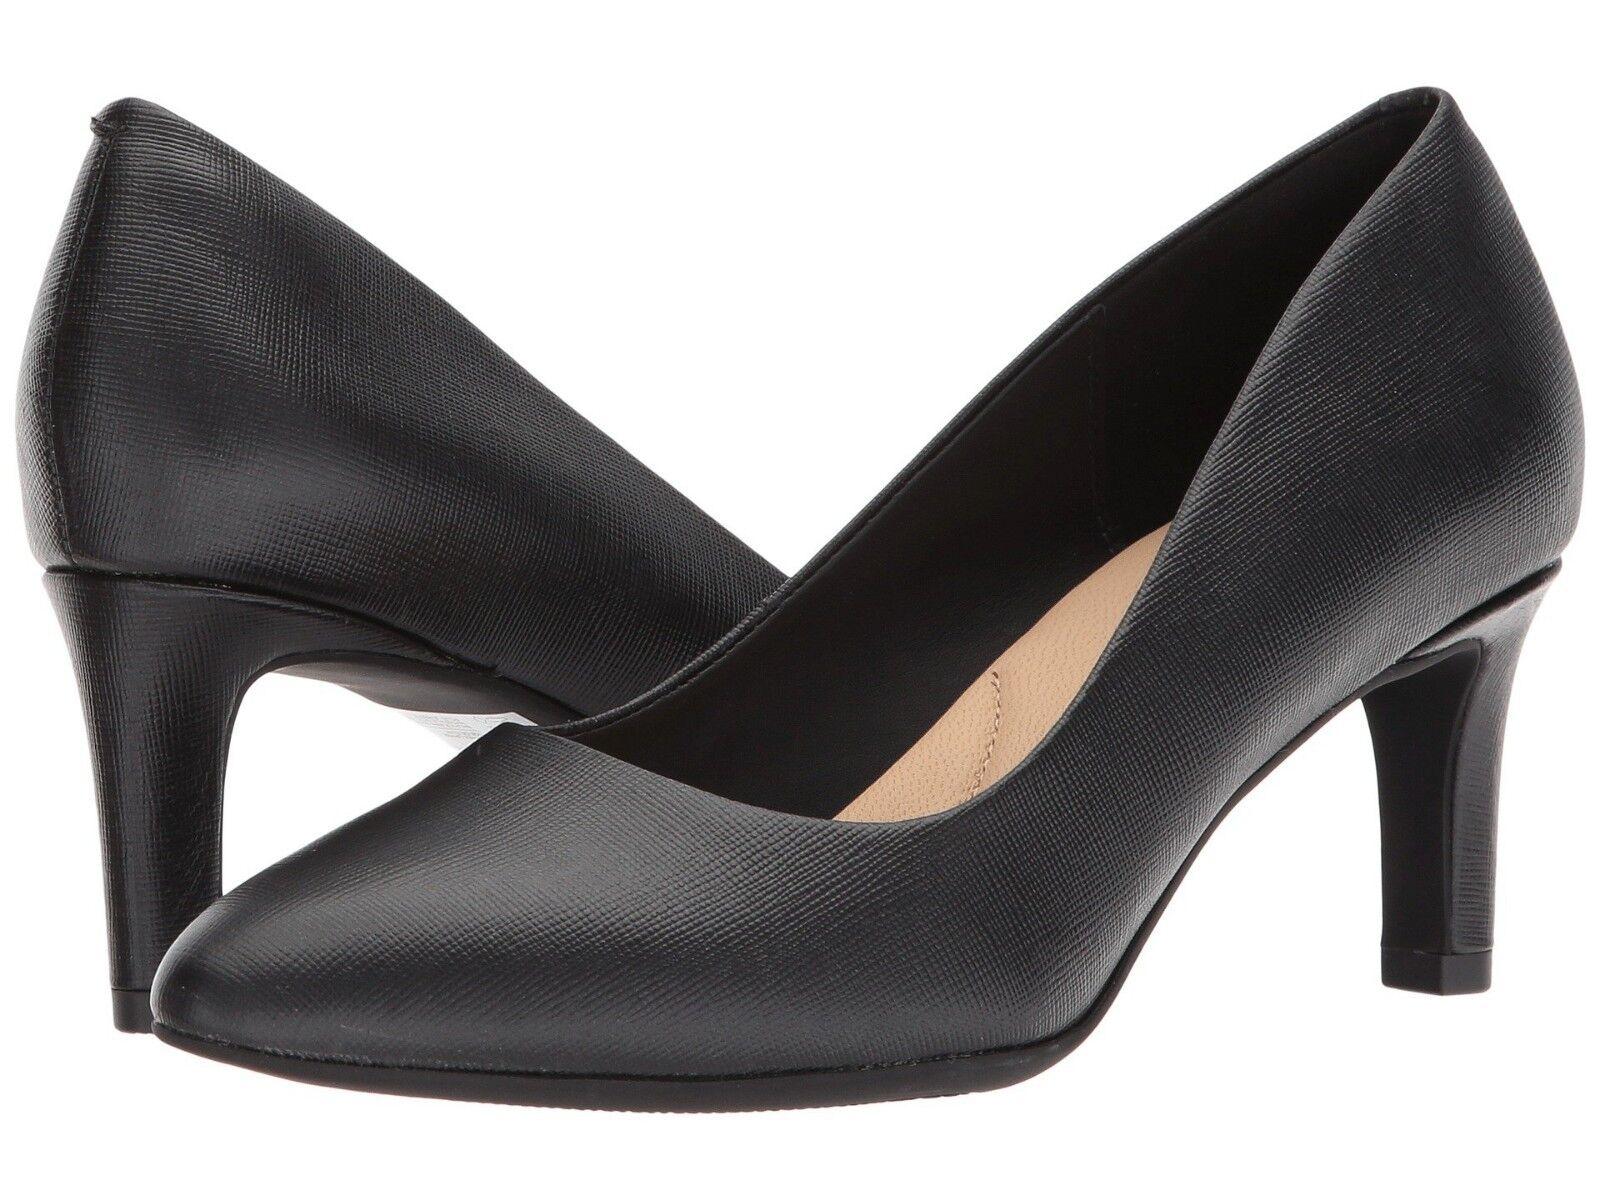 donna scarpe Clarks CALLA rosa Leather Closed Toe Pump 31857 nero Leather New